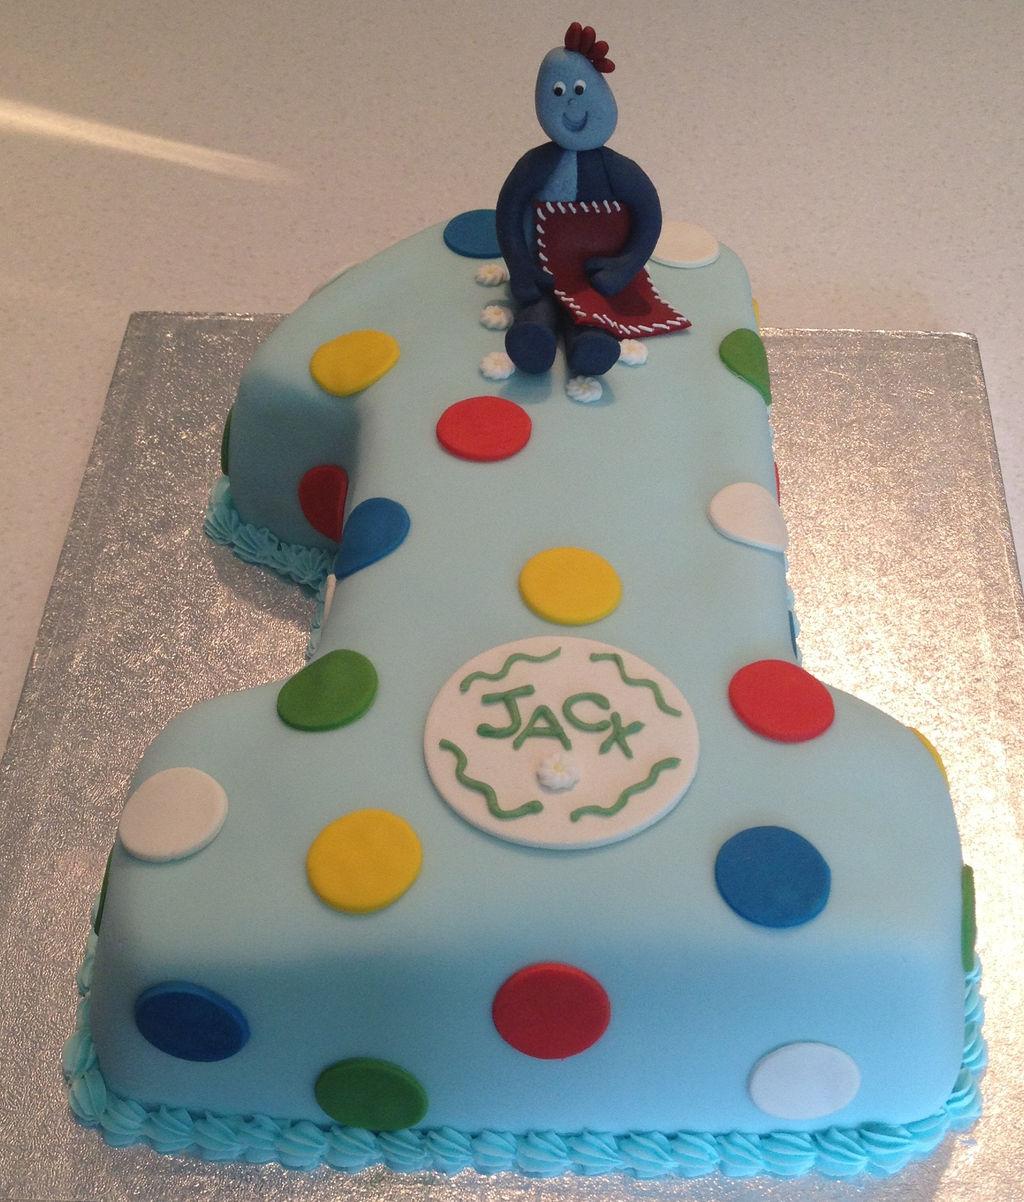 Iggle Piggle 1st birthday cake